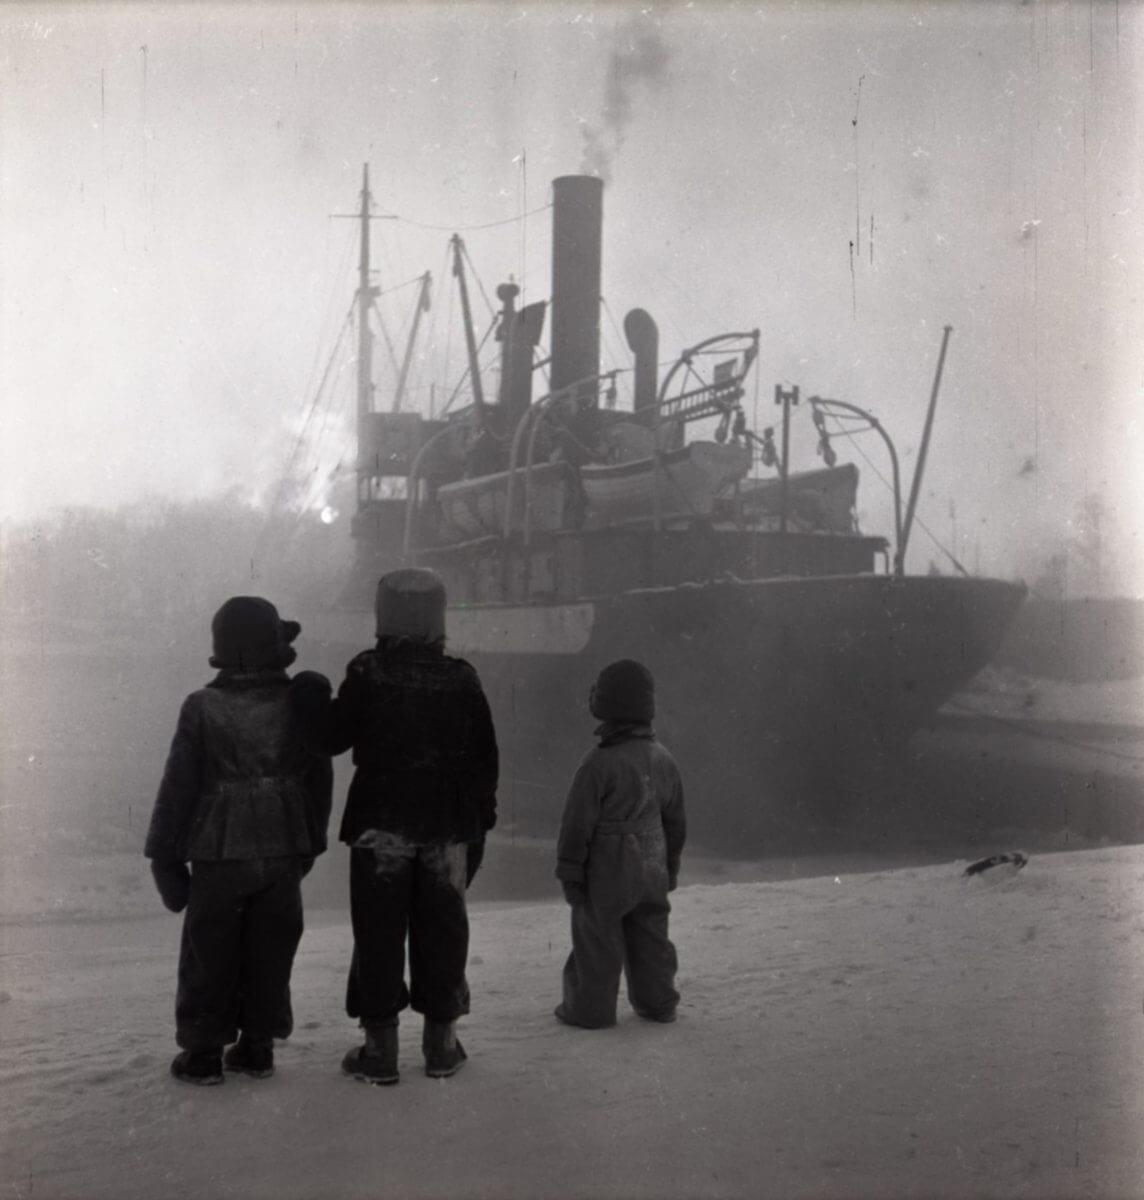 Tre barn tittar på ett fartyg som ligger inne i hamnen.